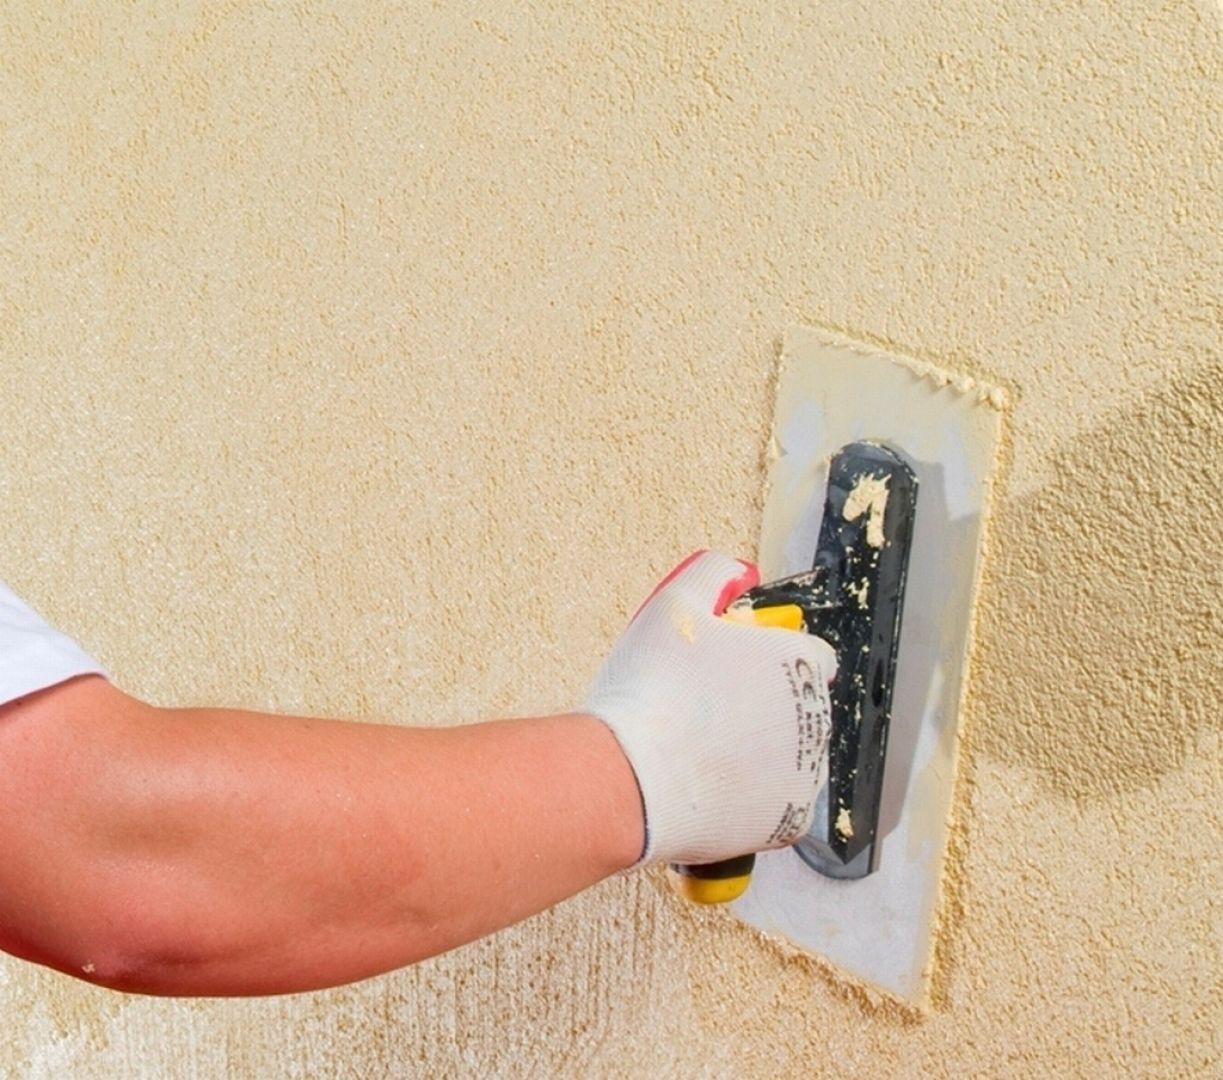 Kluczem do udanej inwestycji jest wybór tego, który będzie najodpowiedniejszy ze względu na sposób ocieplenia ściany dwuwarstwowej, lokalizację budynku, czy wybór materiału termoizolacyjnego. Fot. Baumit